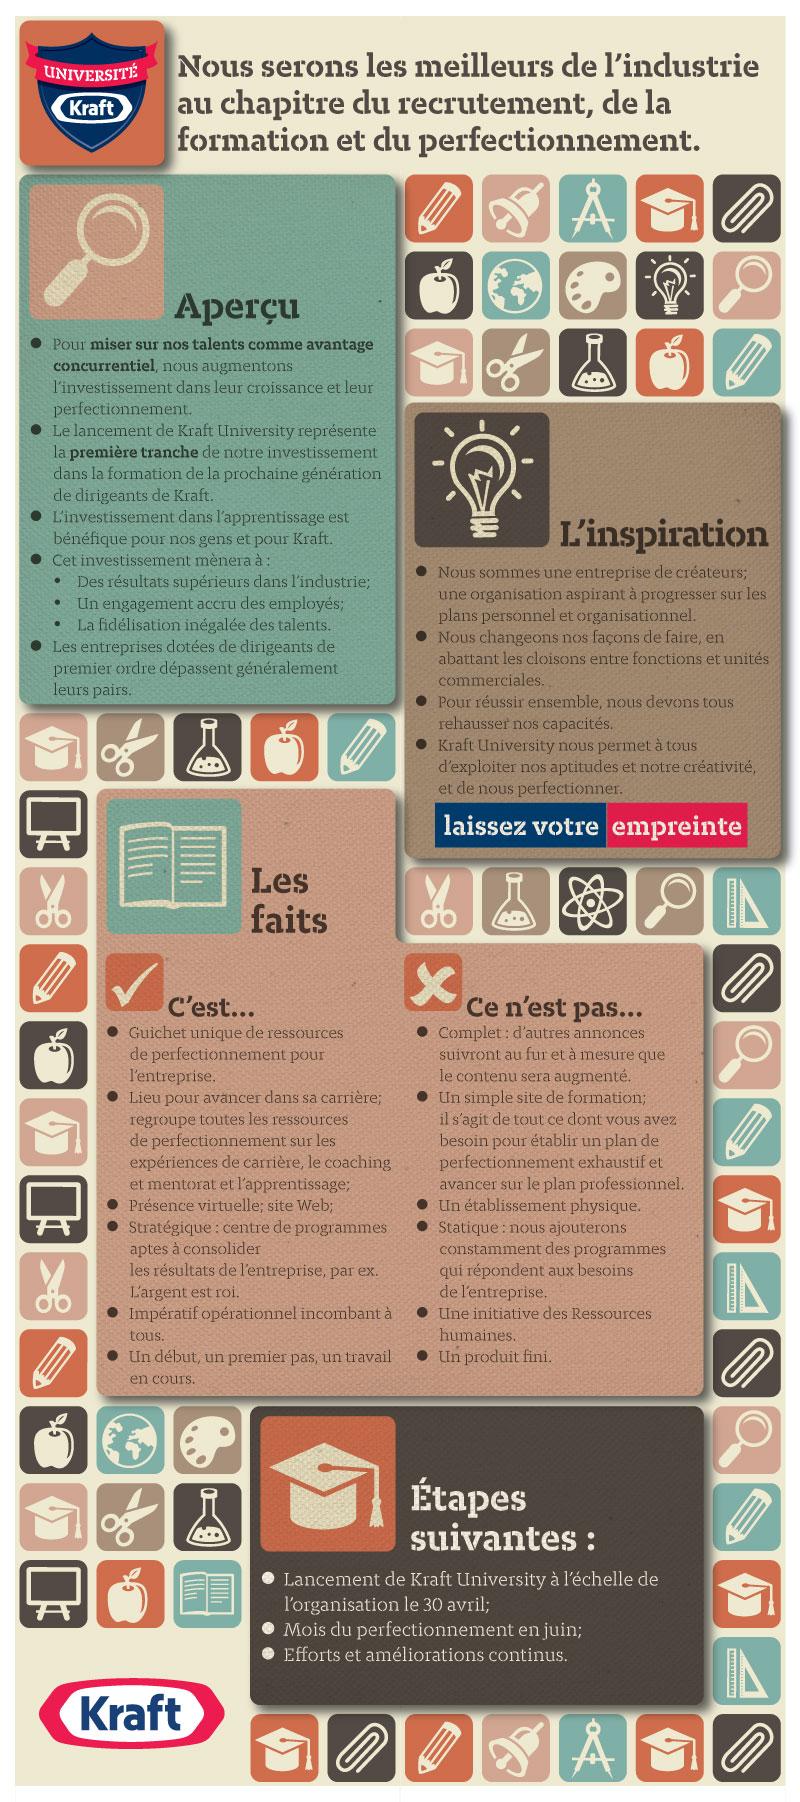 KU-info_fr